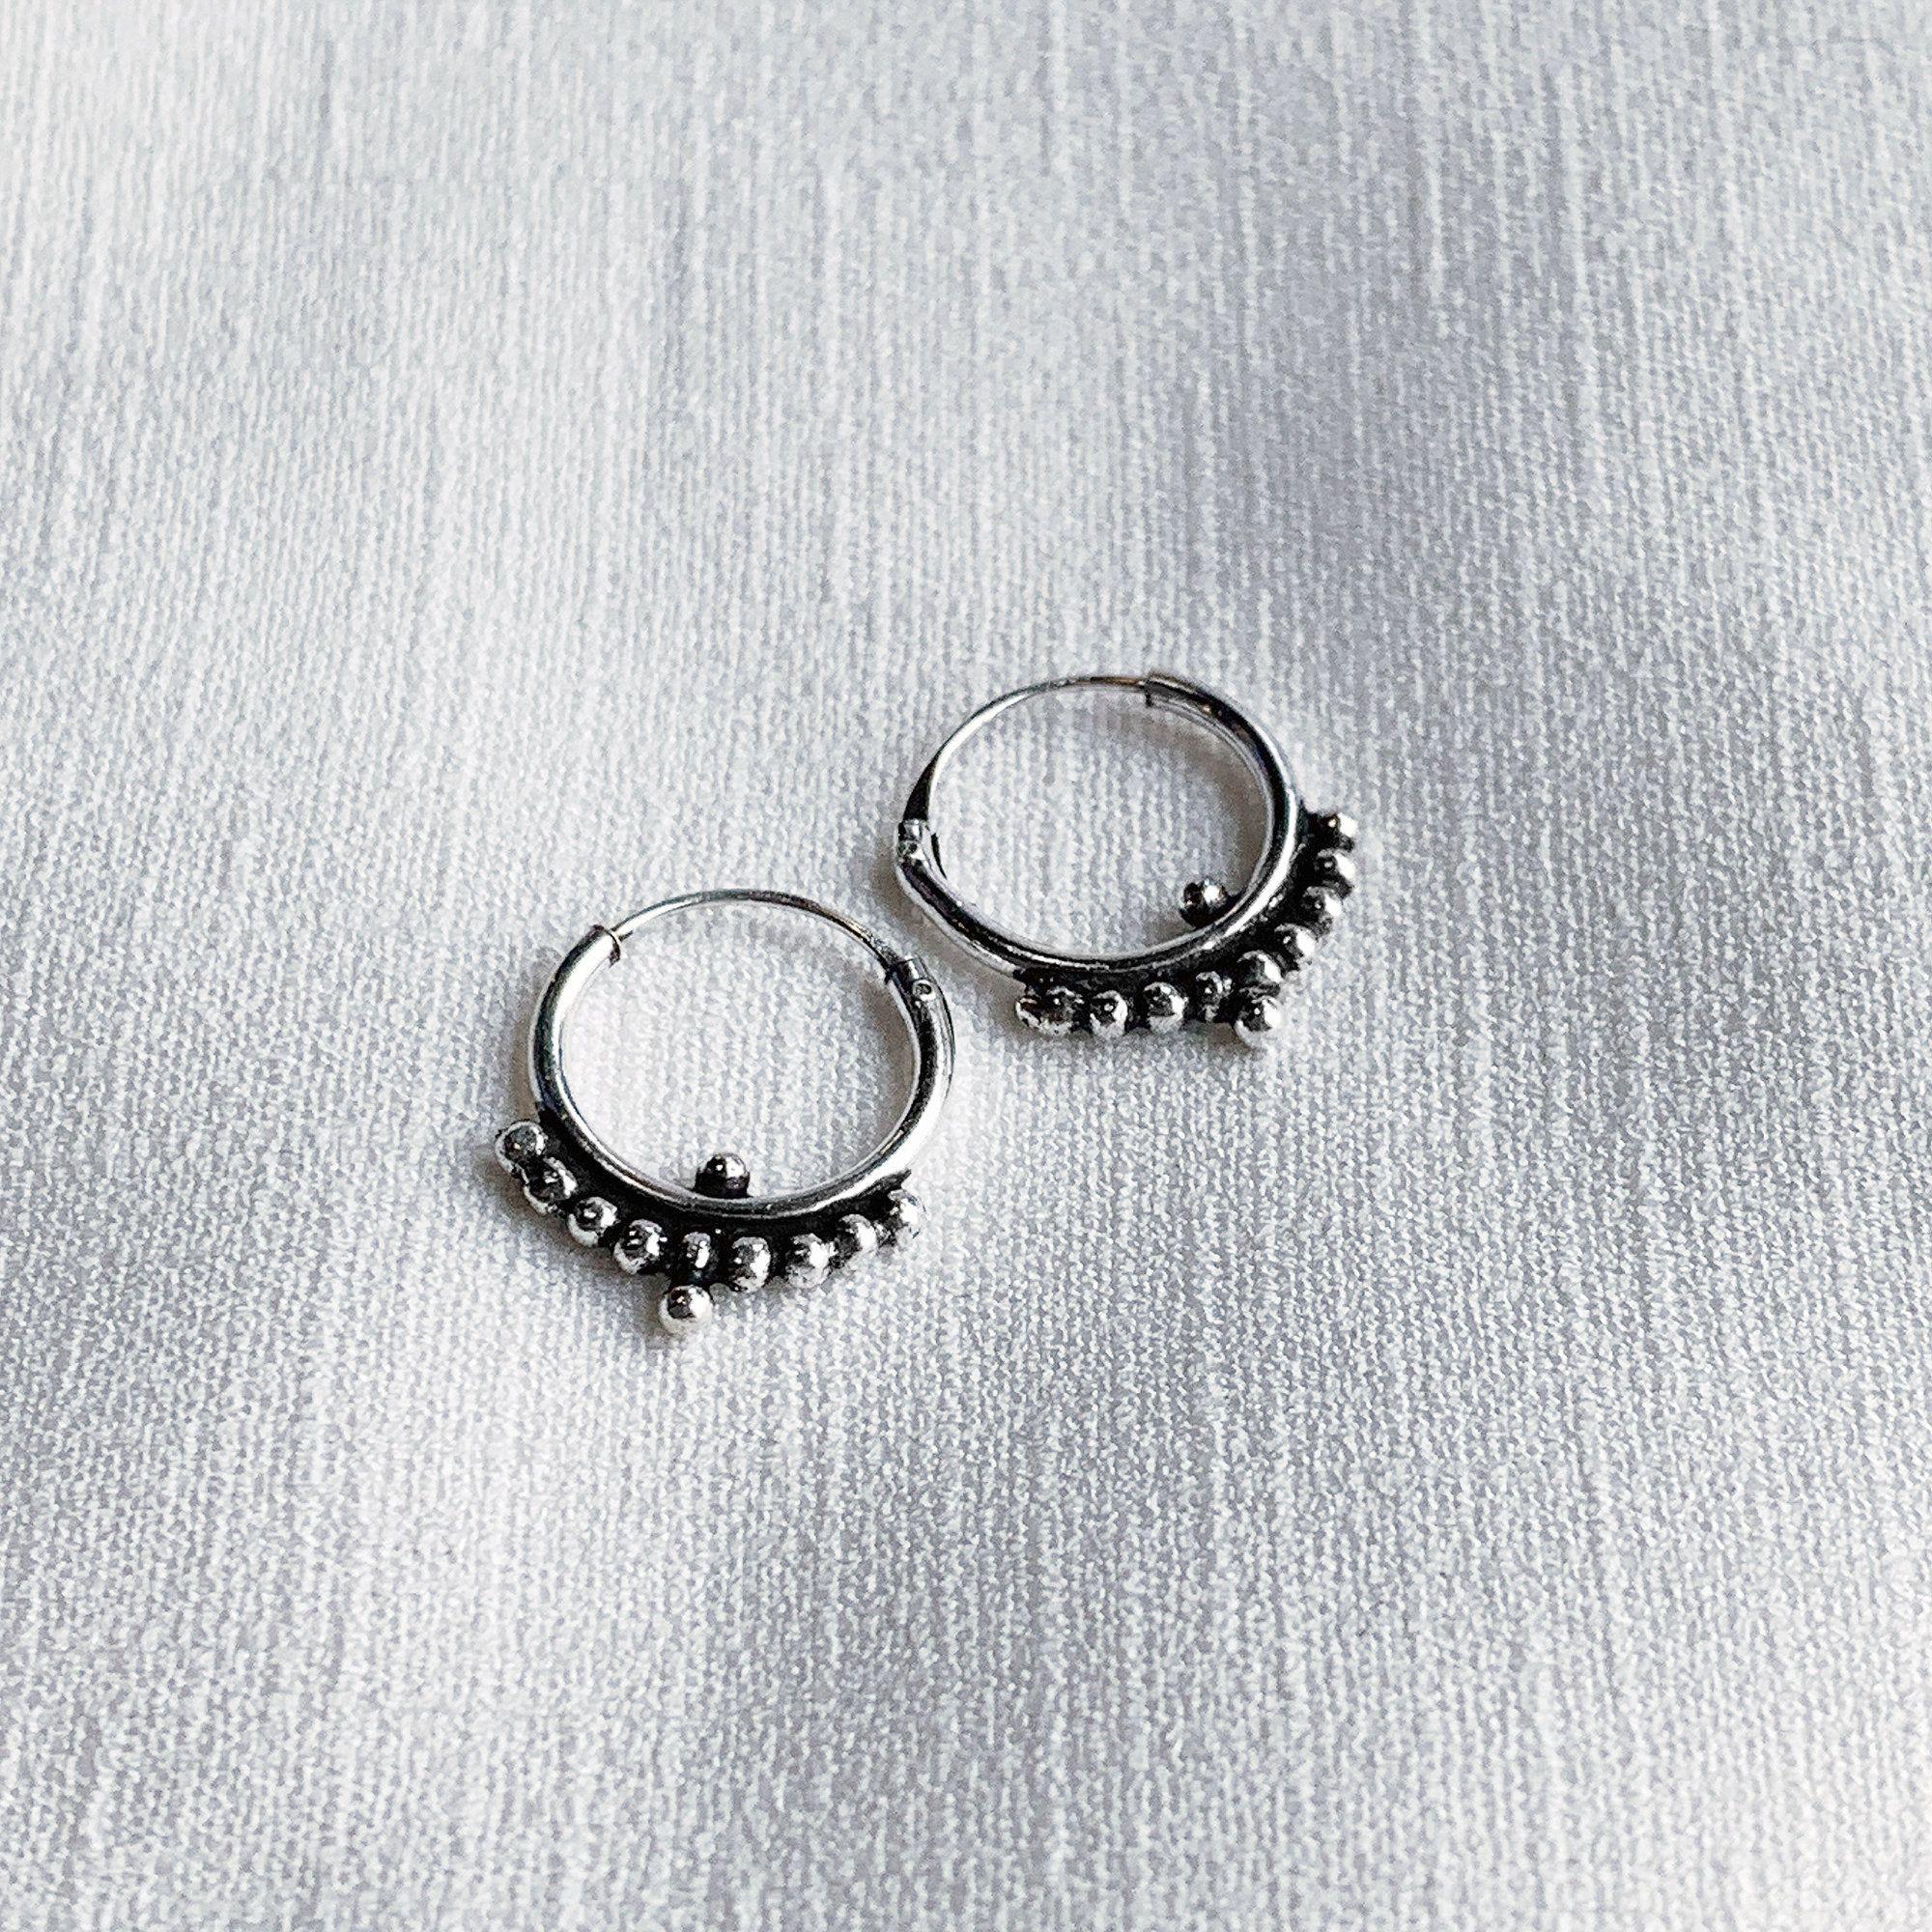 925 Sterling Silver Tribal Dotted Hoop Earrings Small Bohemian Indian Beaded Earrings Tribal Hoop Earrings Boho Hoop Earrings Ethnic Hoops